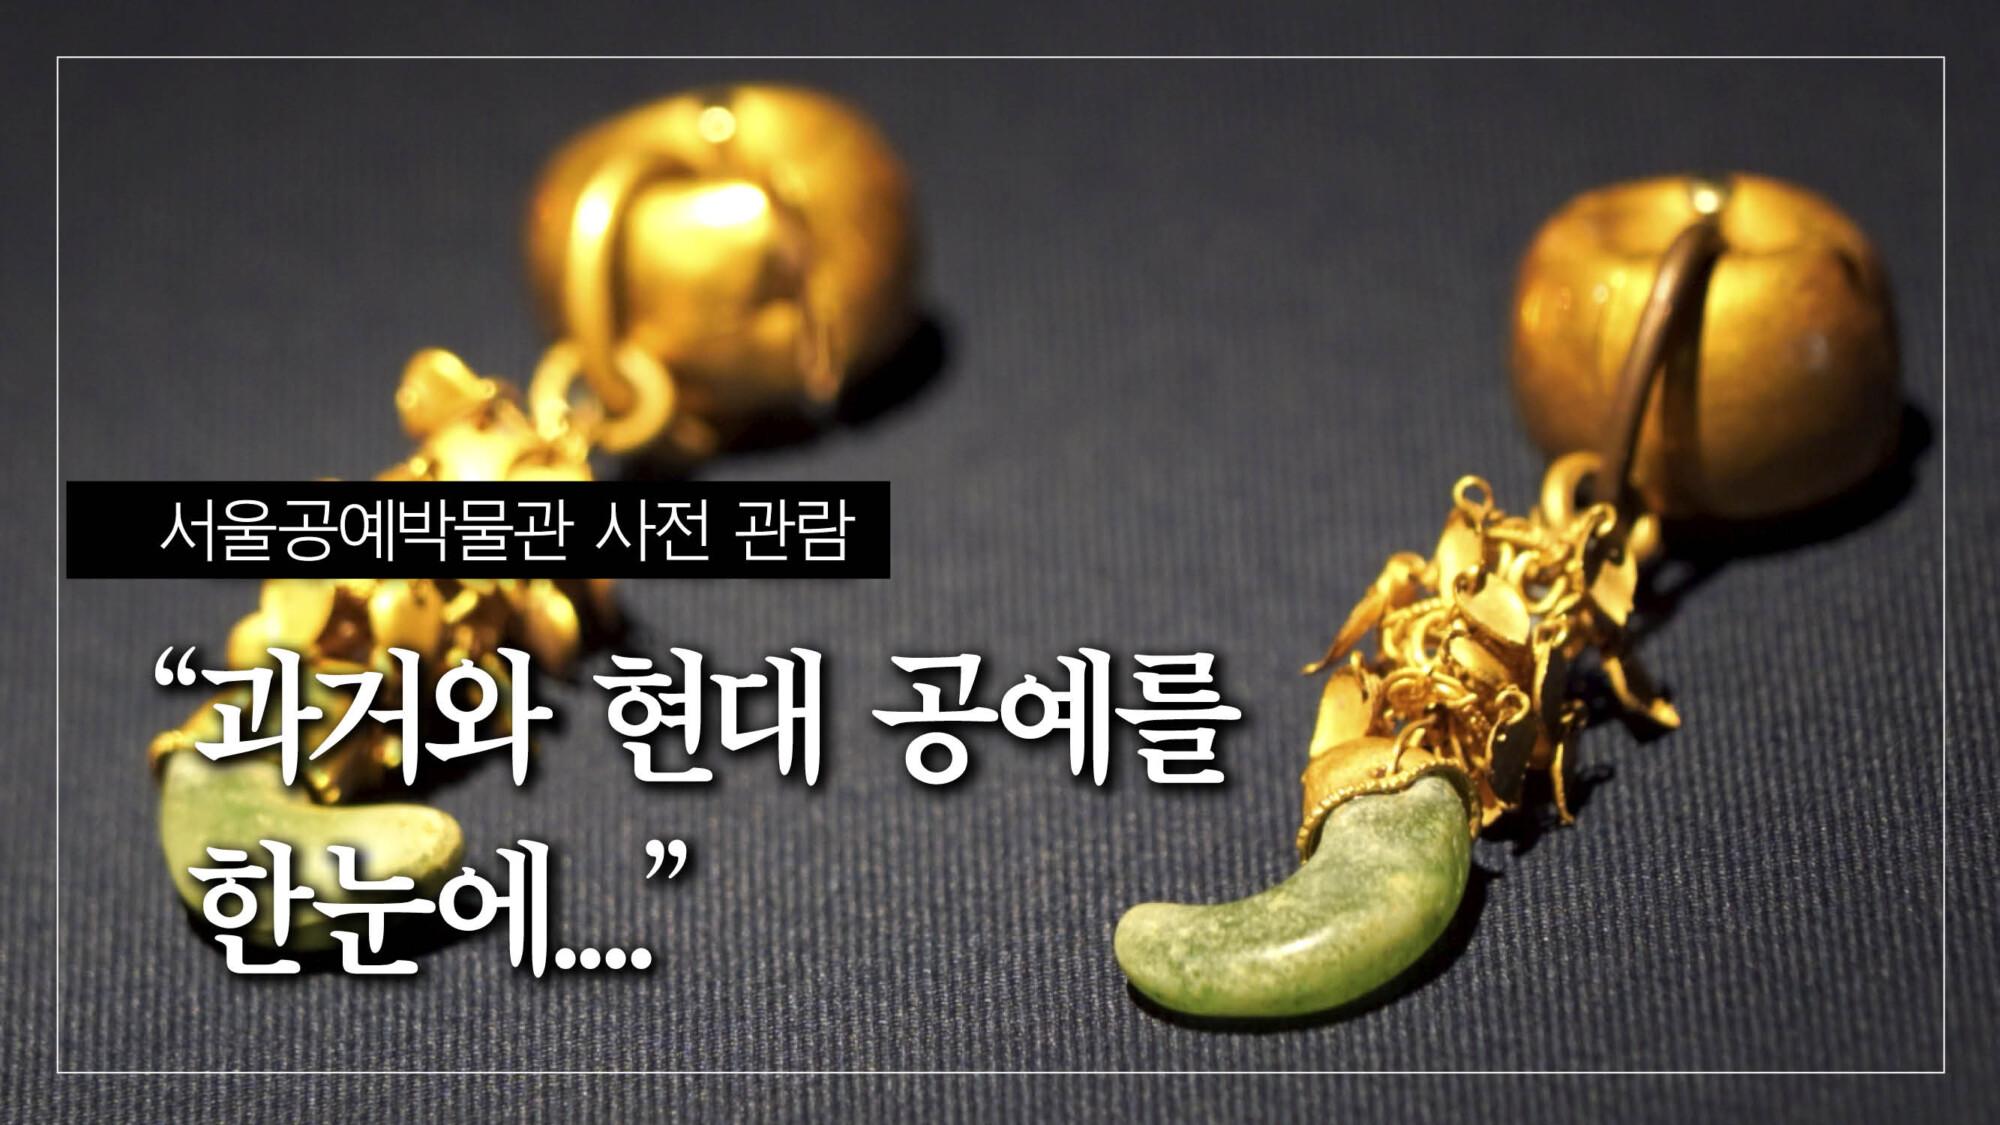 """서울공예박물관 사전 관람... """"과거와 현대 공예를 한눈에"""""""